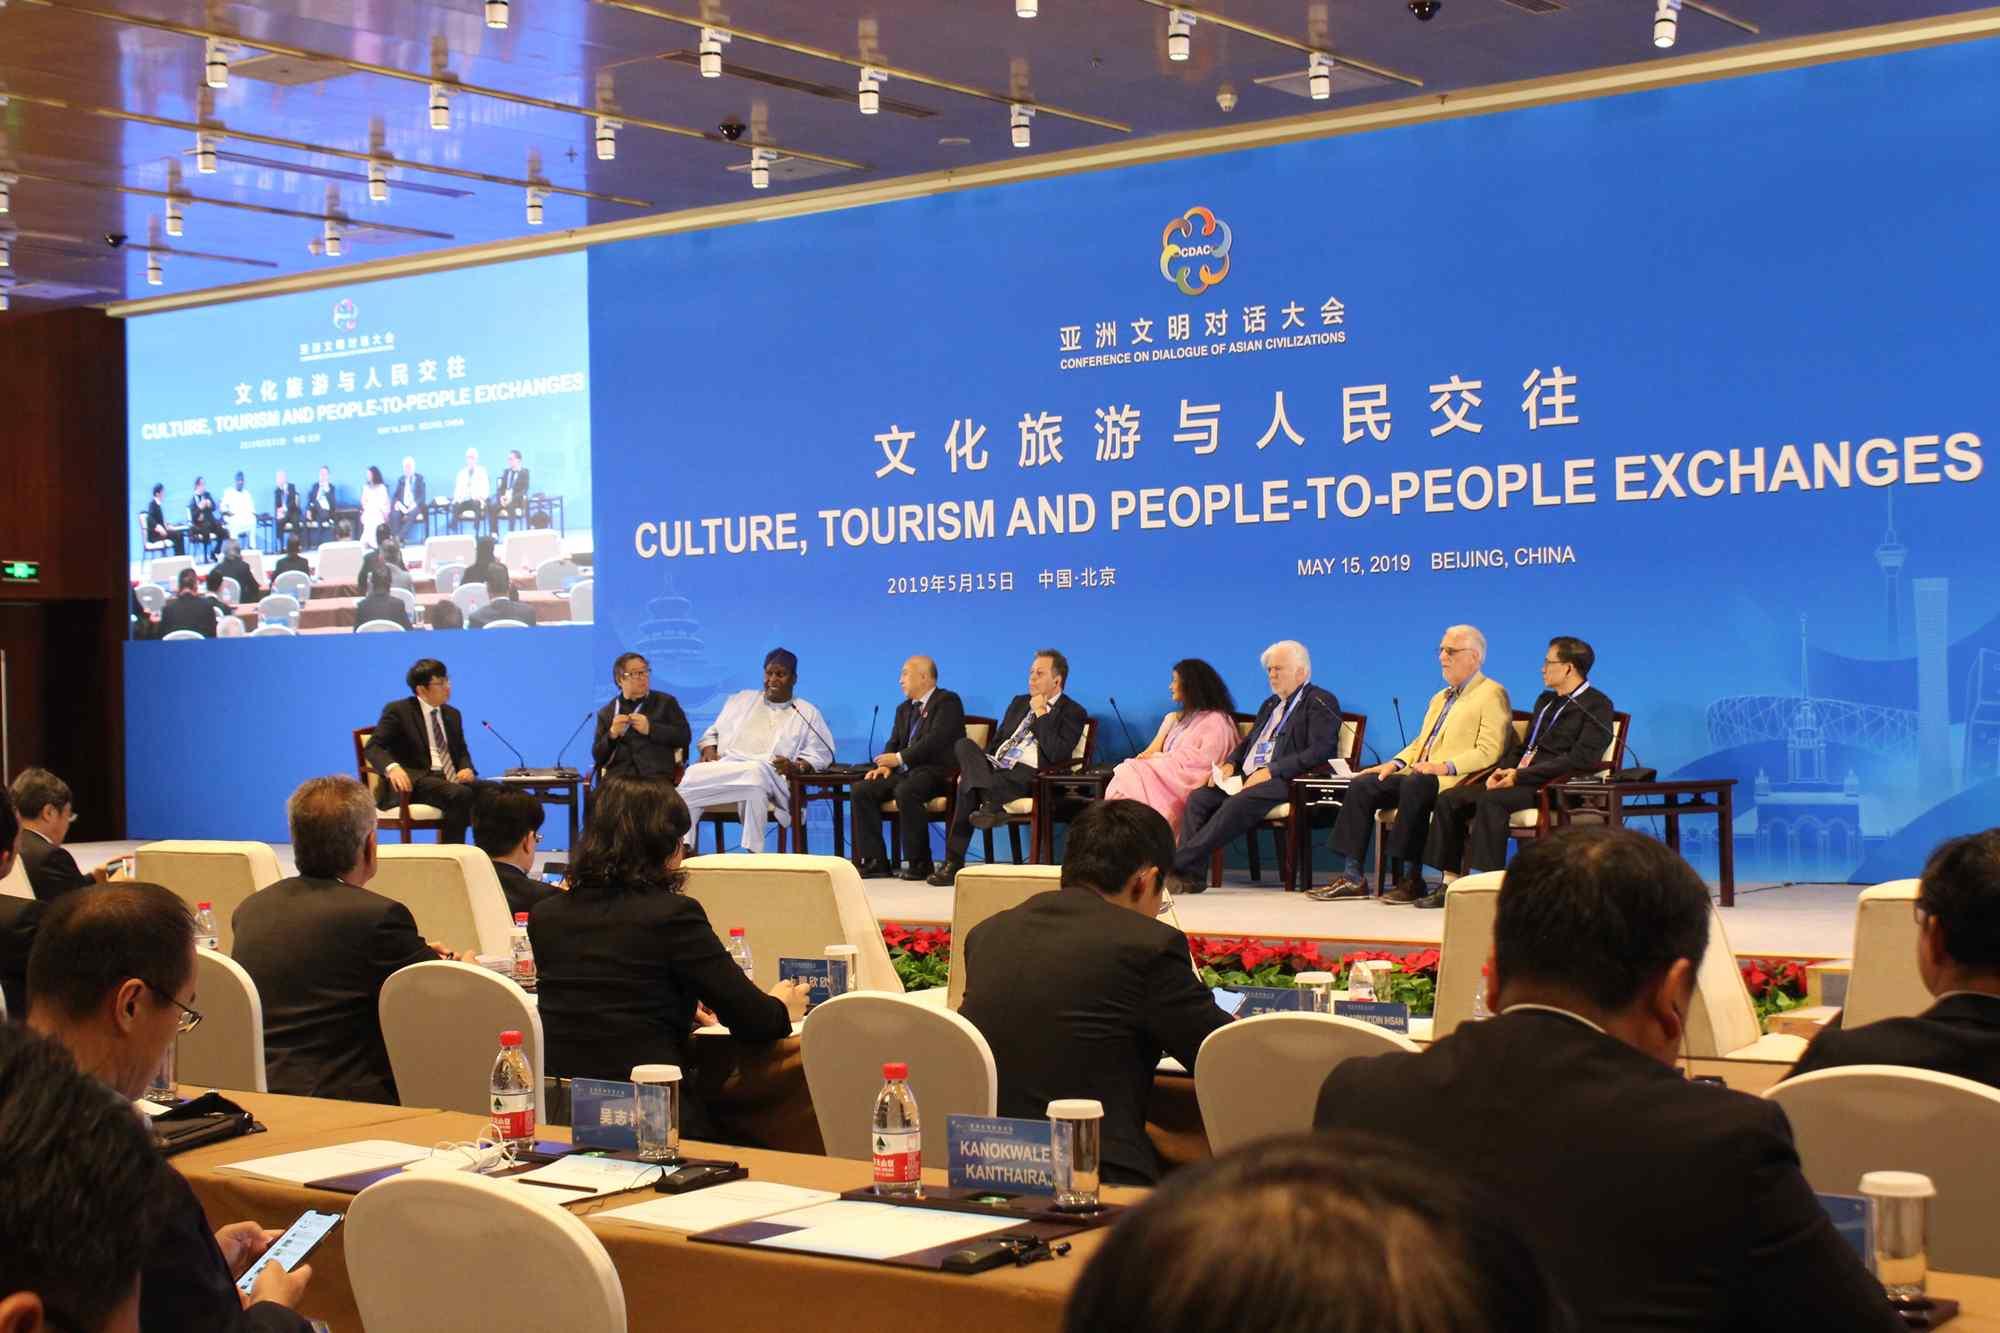 亚洲旅游对话文明 前景可期——专访中国旅游研究院院长戴斌